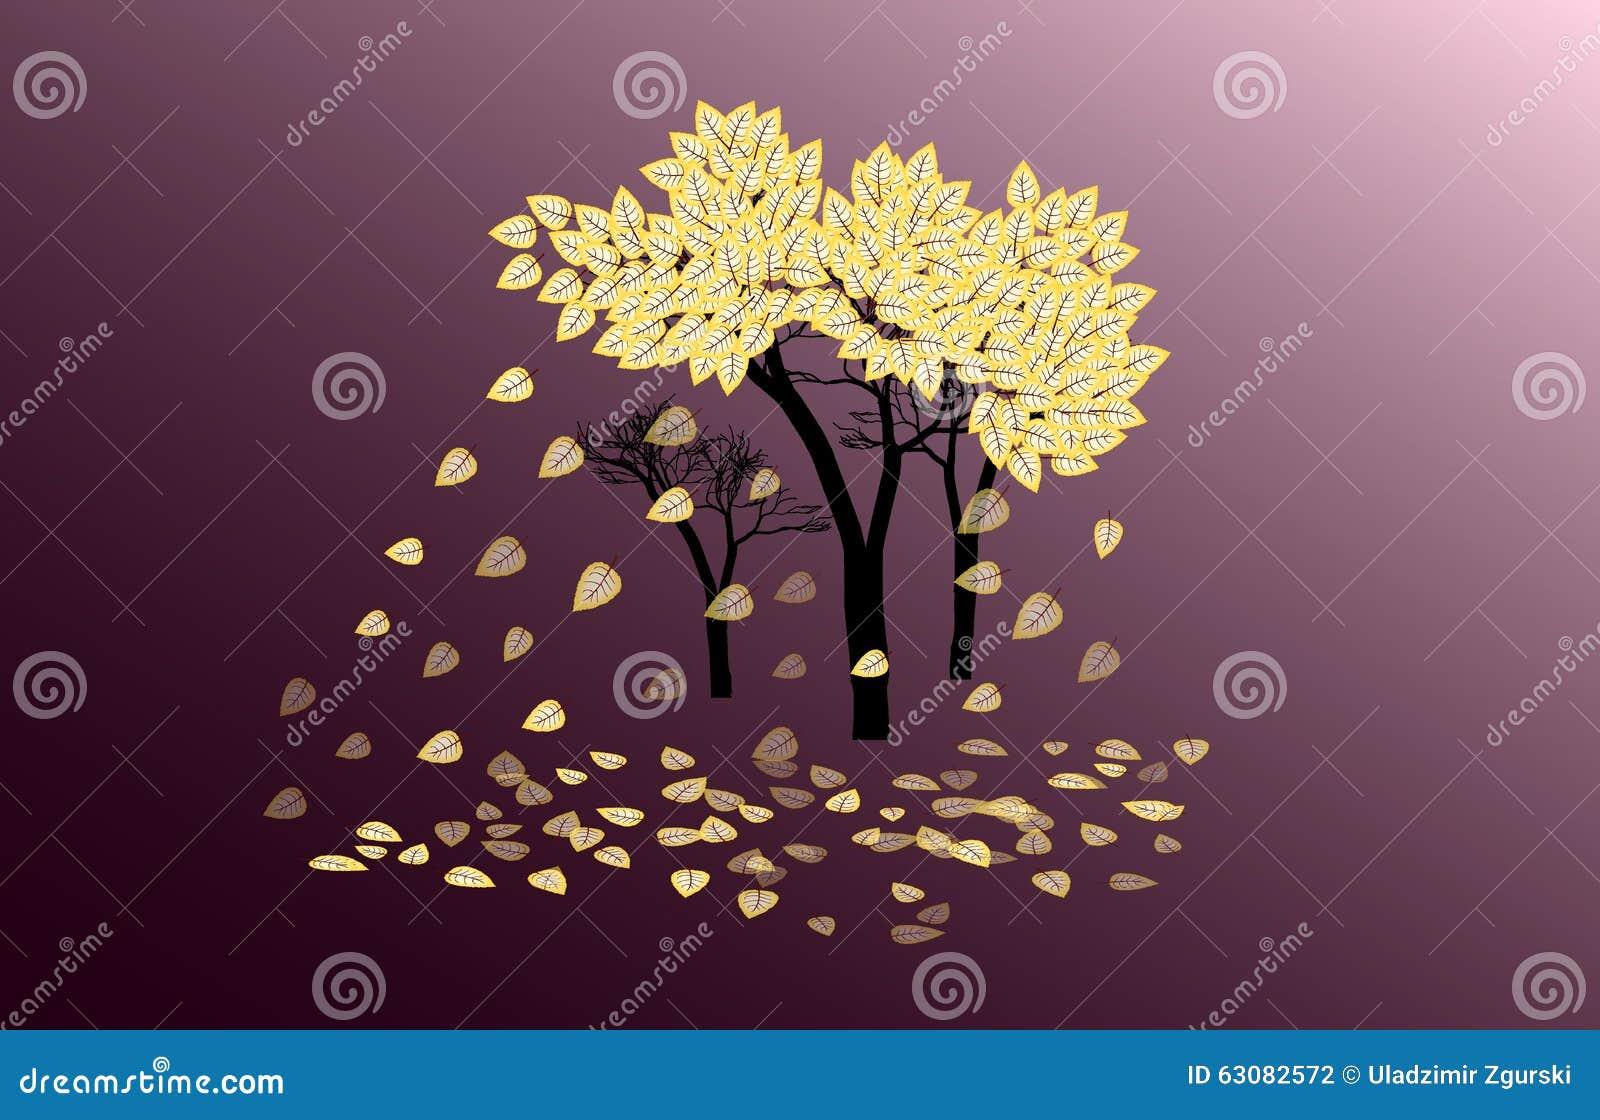 Download Arbre abstrait d'automne illustration stock. Illustration du milieux - 63082572